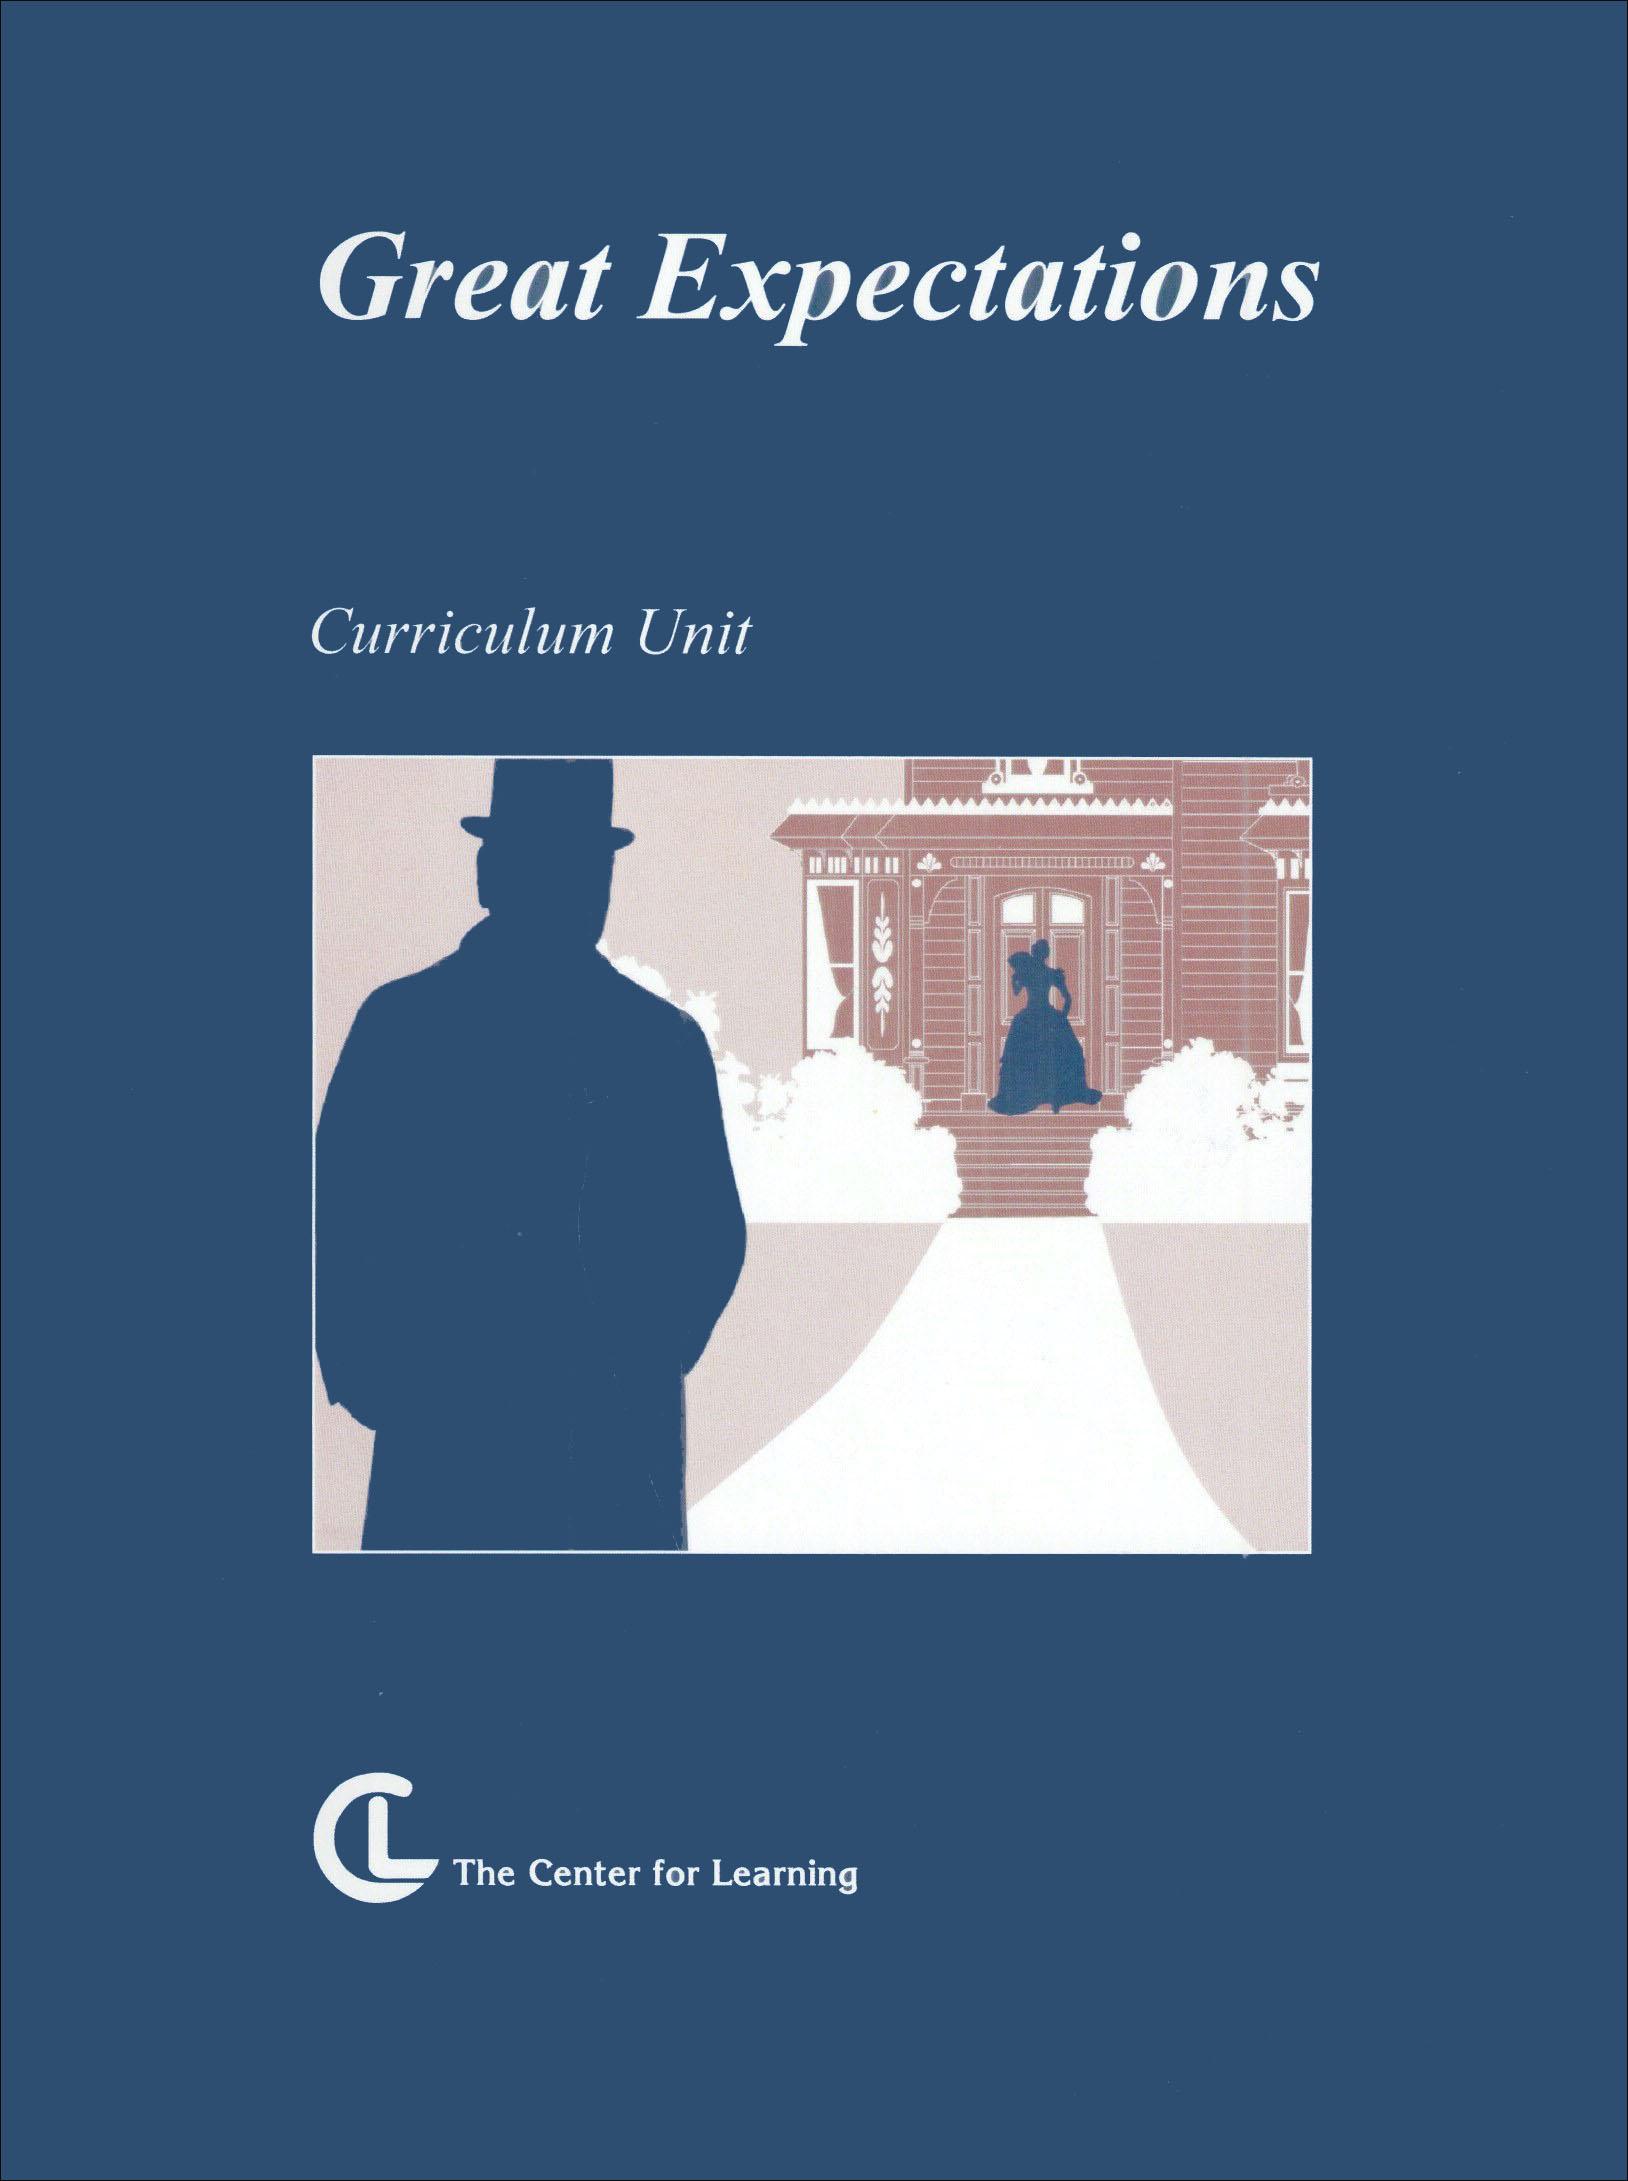 Great Expectations Curriculum Unit